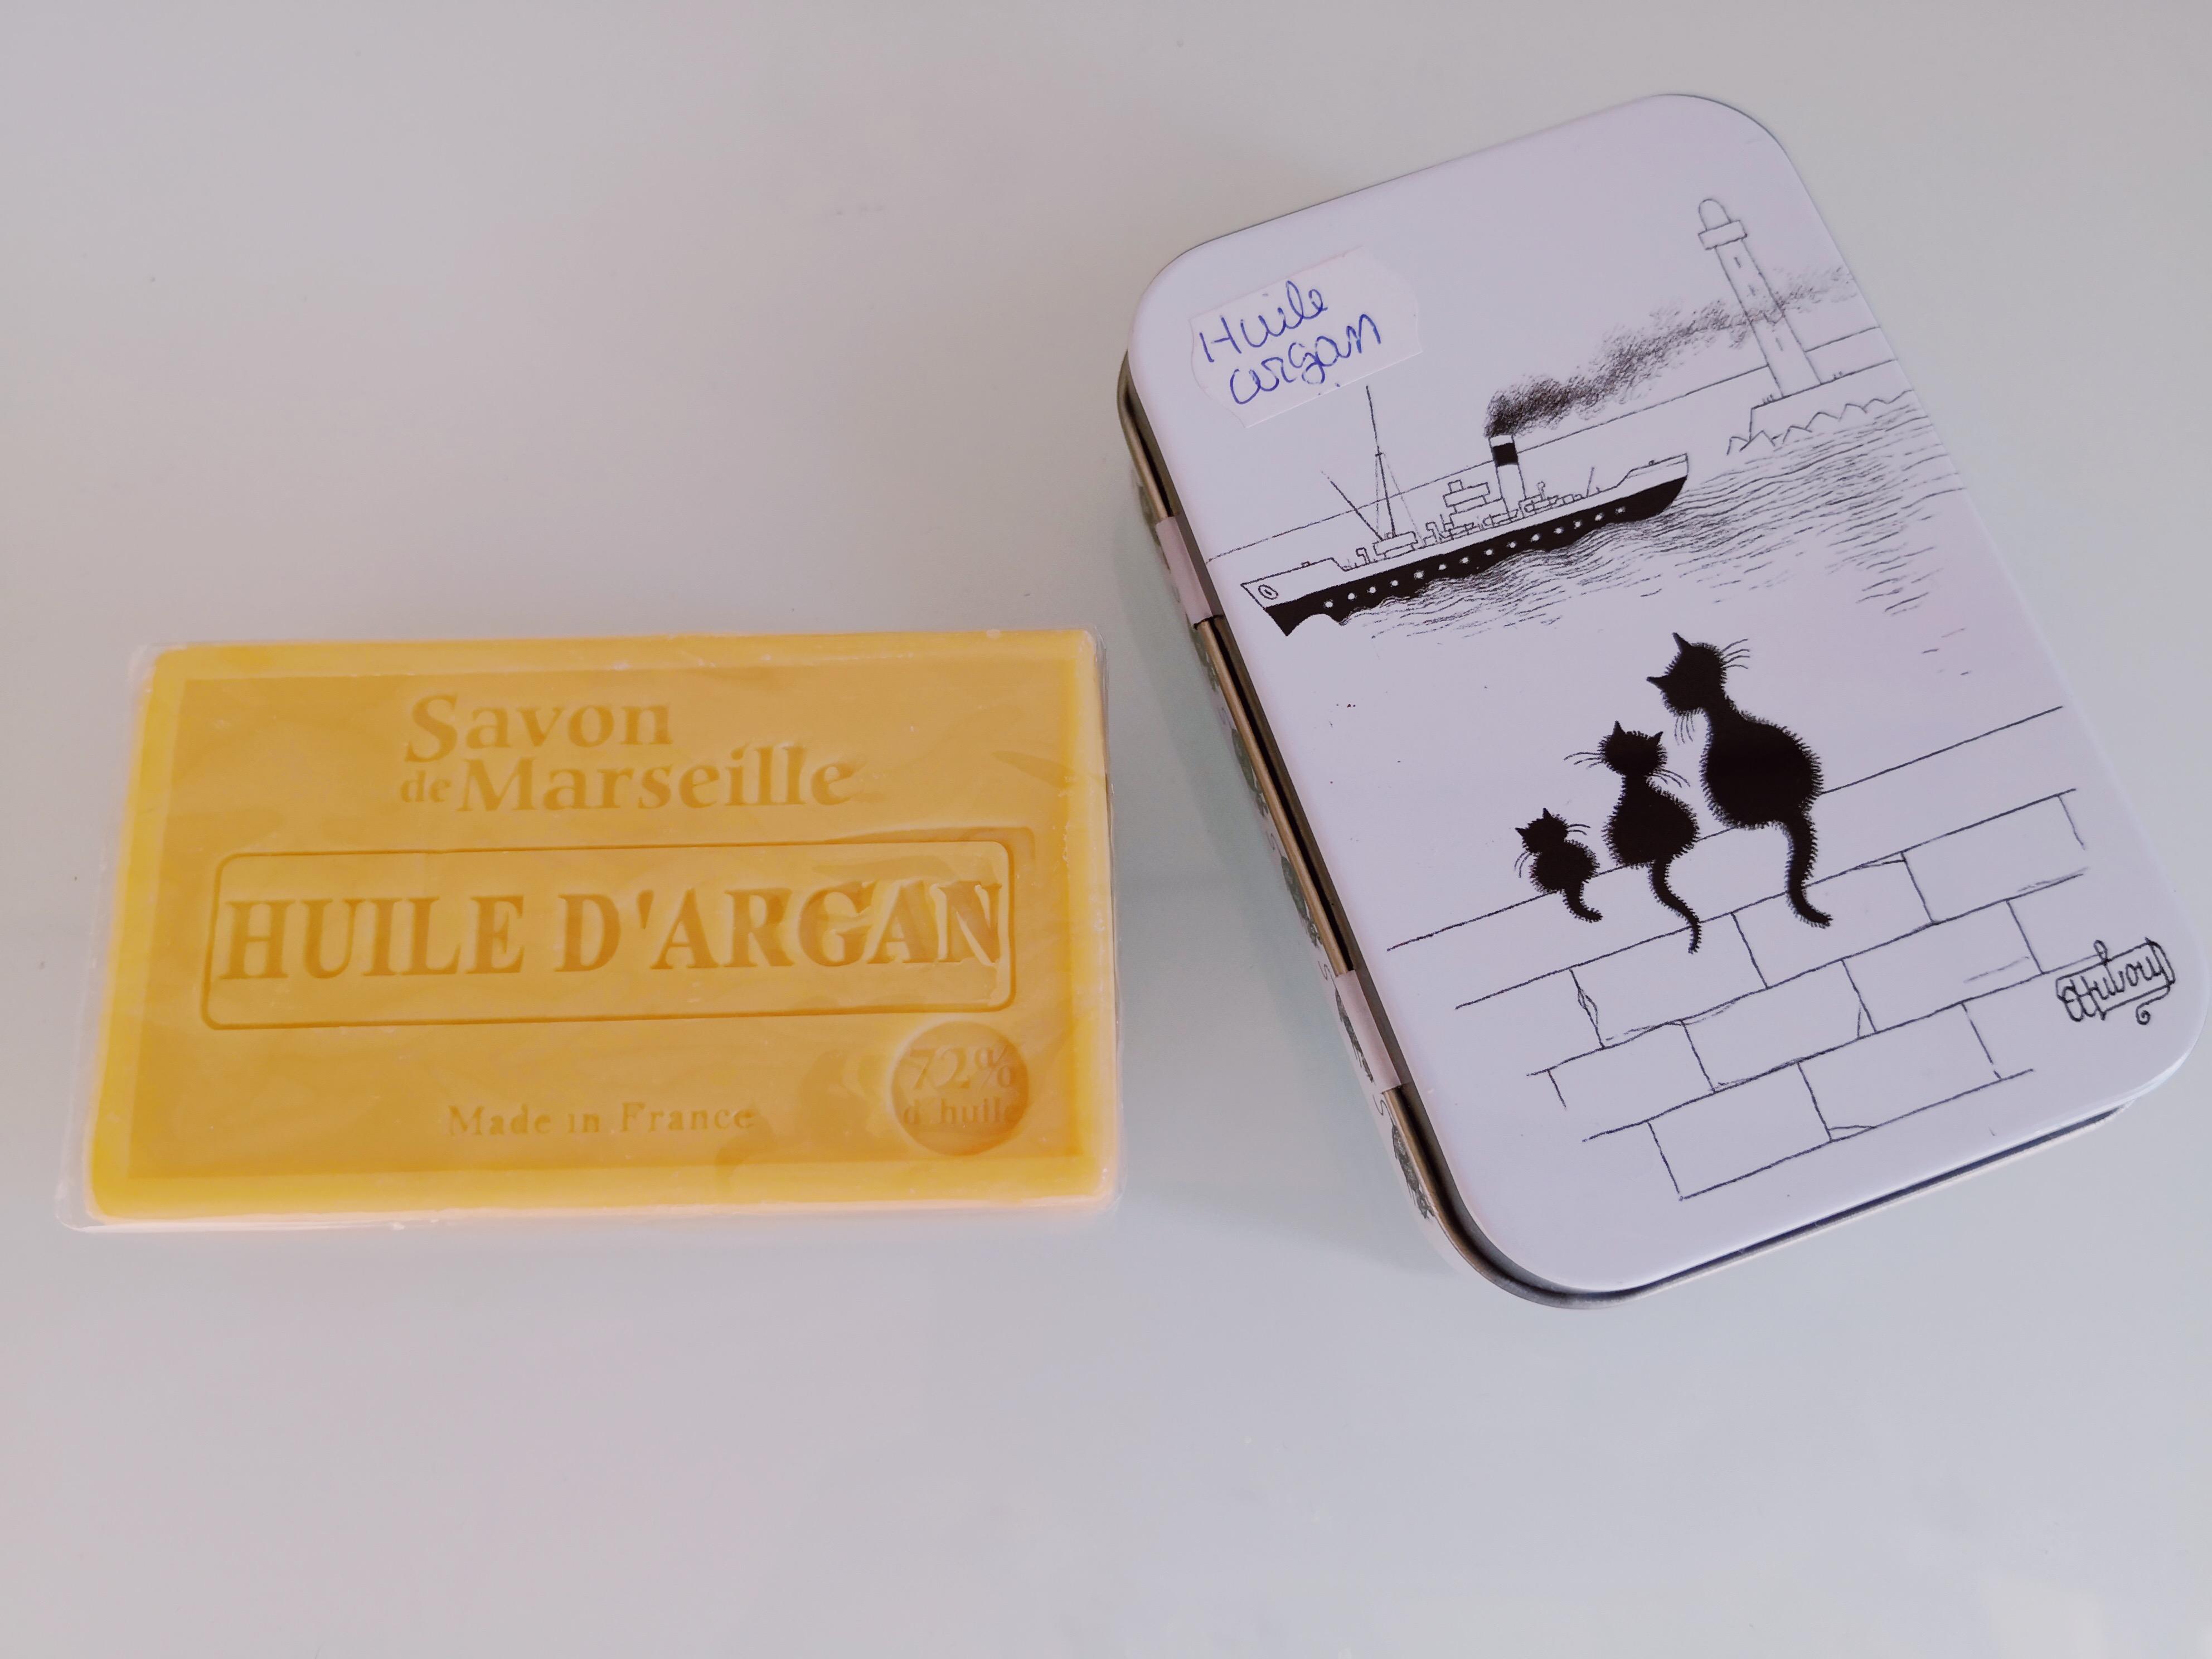 ブロモン(Bromont)のチョコレート専門店Le Musée du chocolat